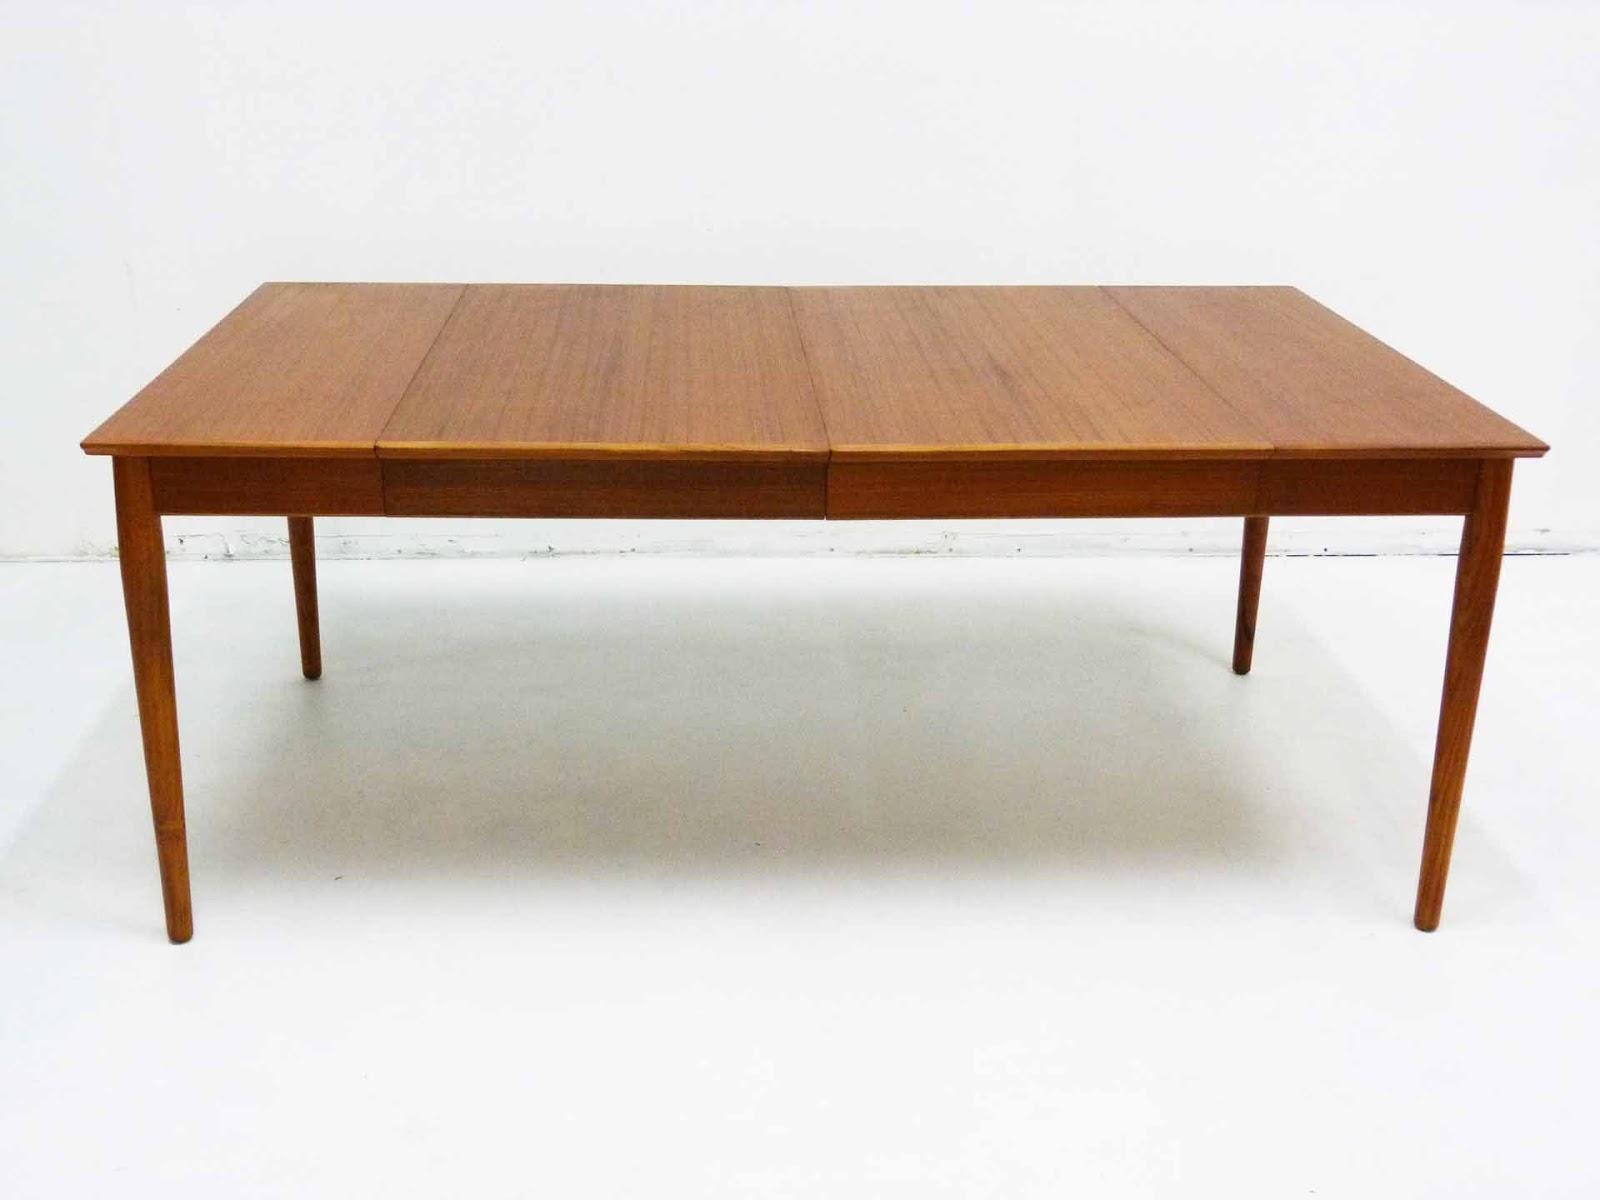 Arne Vodder For Sibast Drop Leaf Teak Extension Oval Dining Table No Leaf